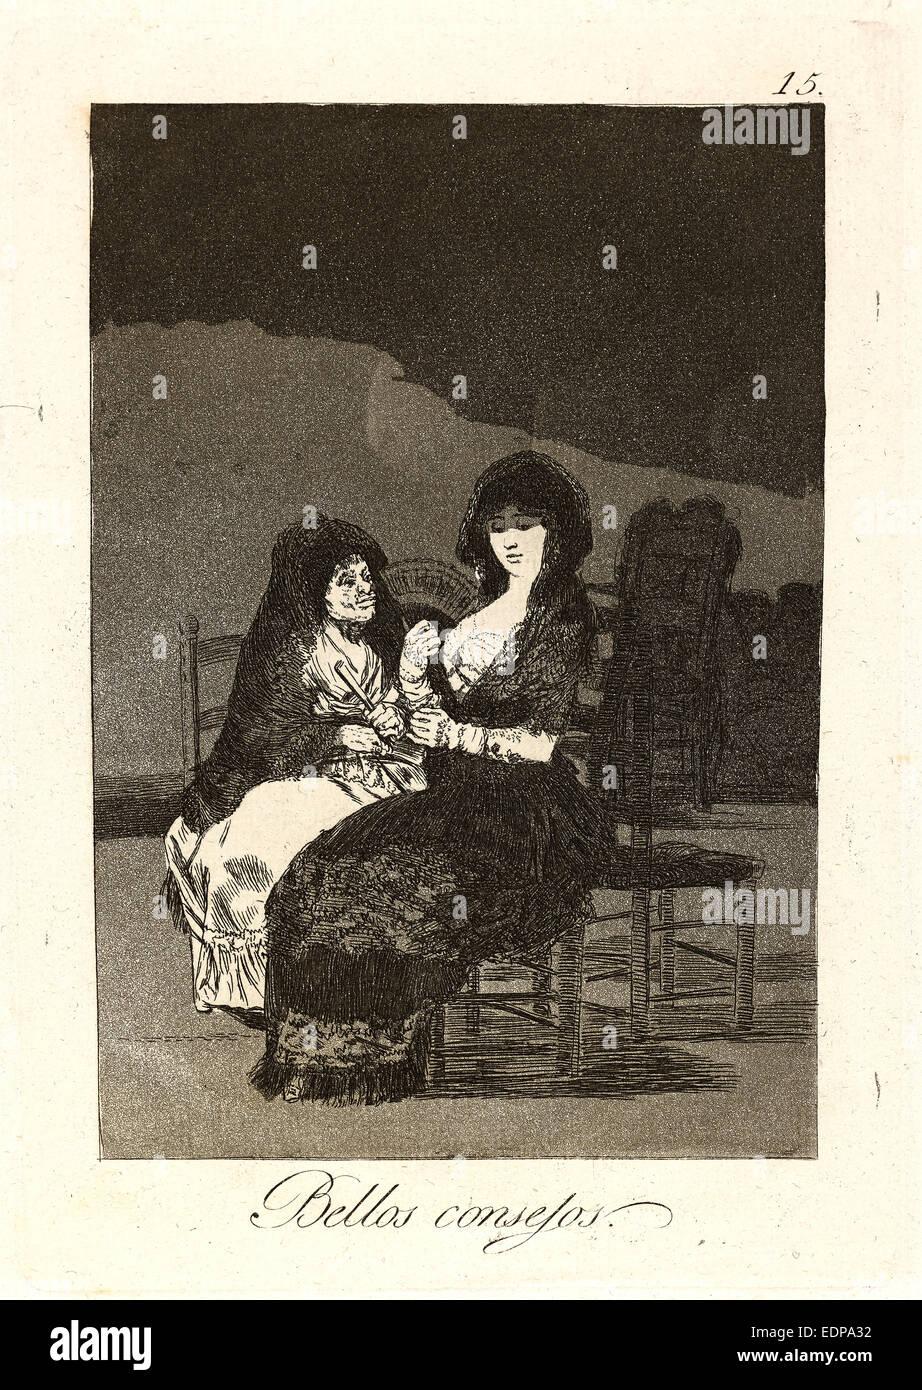 Francisco de Goya (Spanish, 1746-1828). Bellos consejos. (Pretty teachings.), 1796-1797. From Los Caprichos, no. - Stock Image